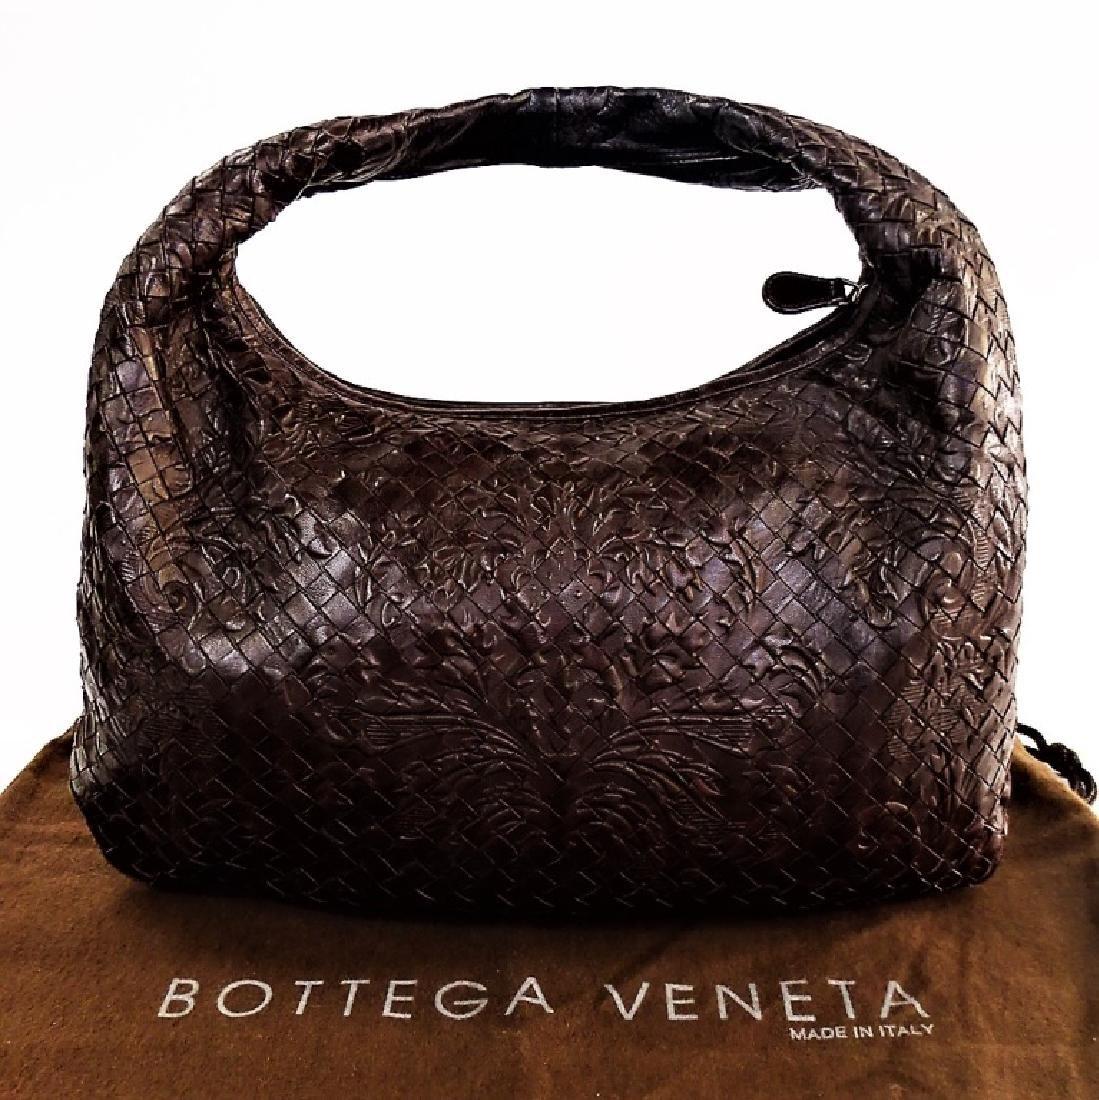 BOTTEGA VENETA EMBOSSED BROWN LEATHER TOTE BAG